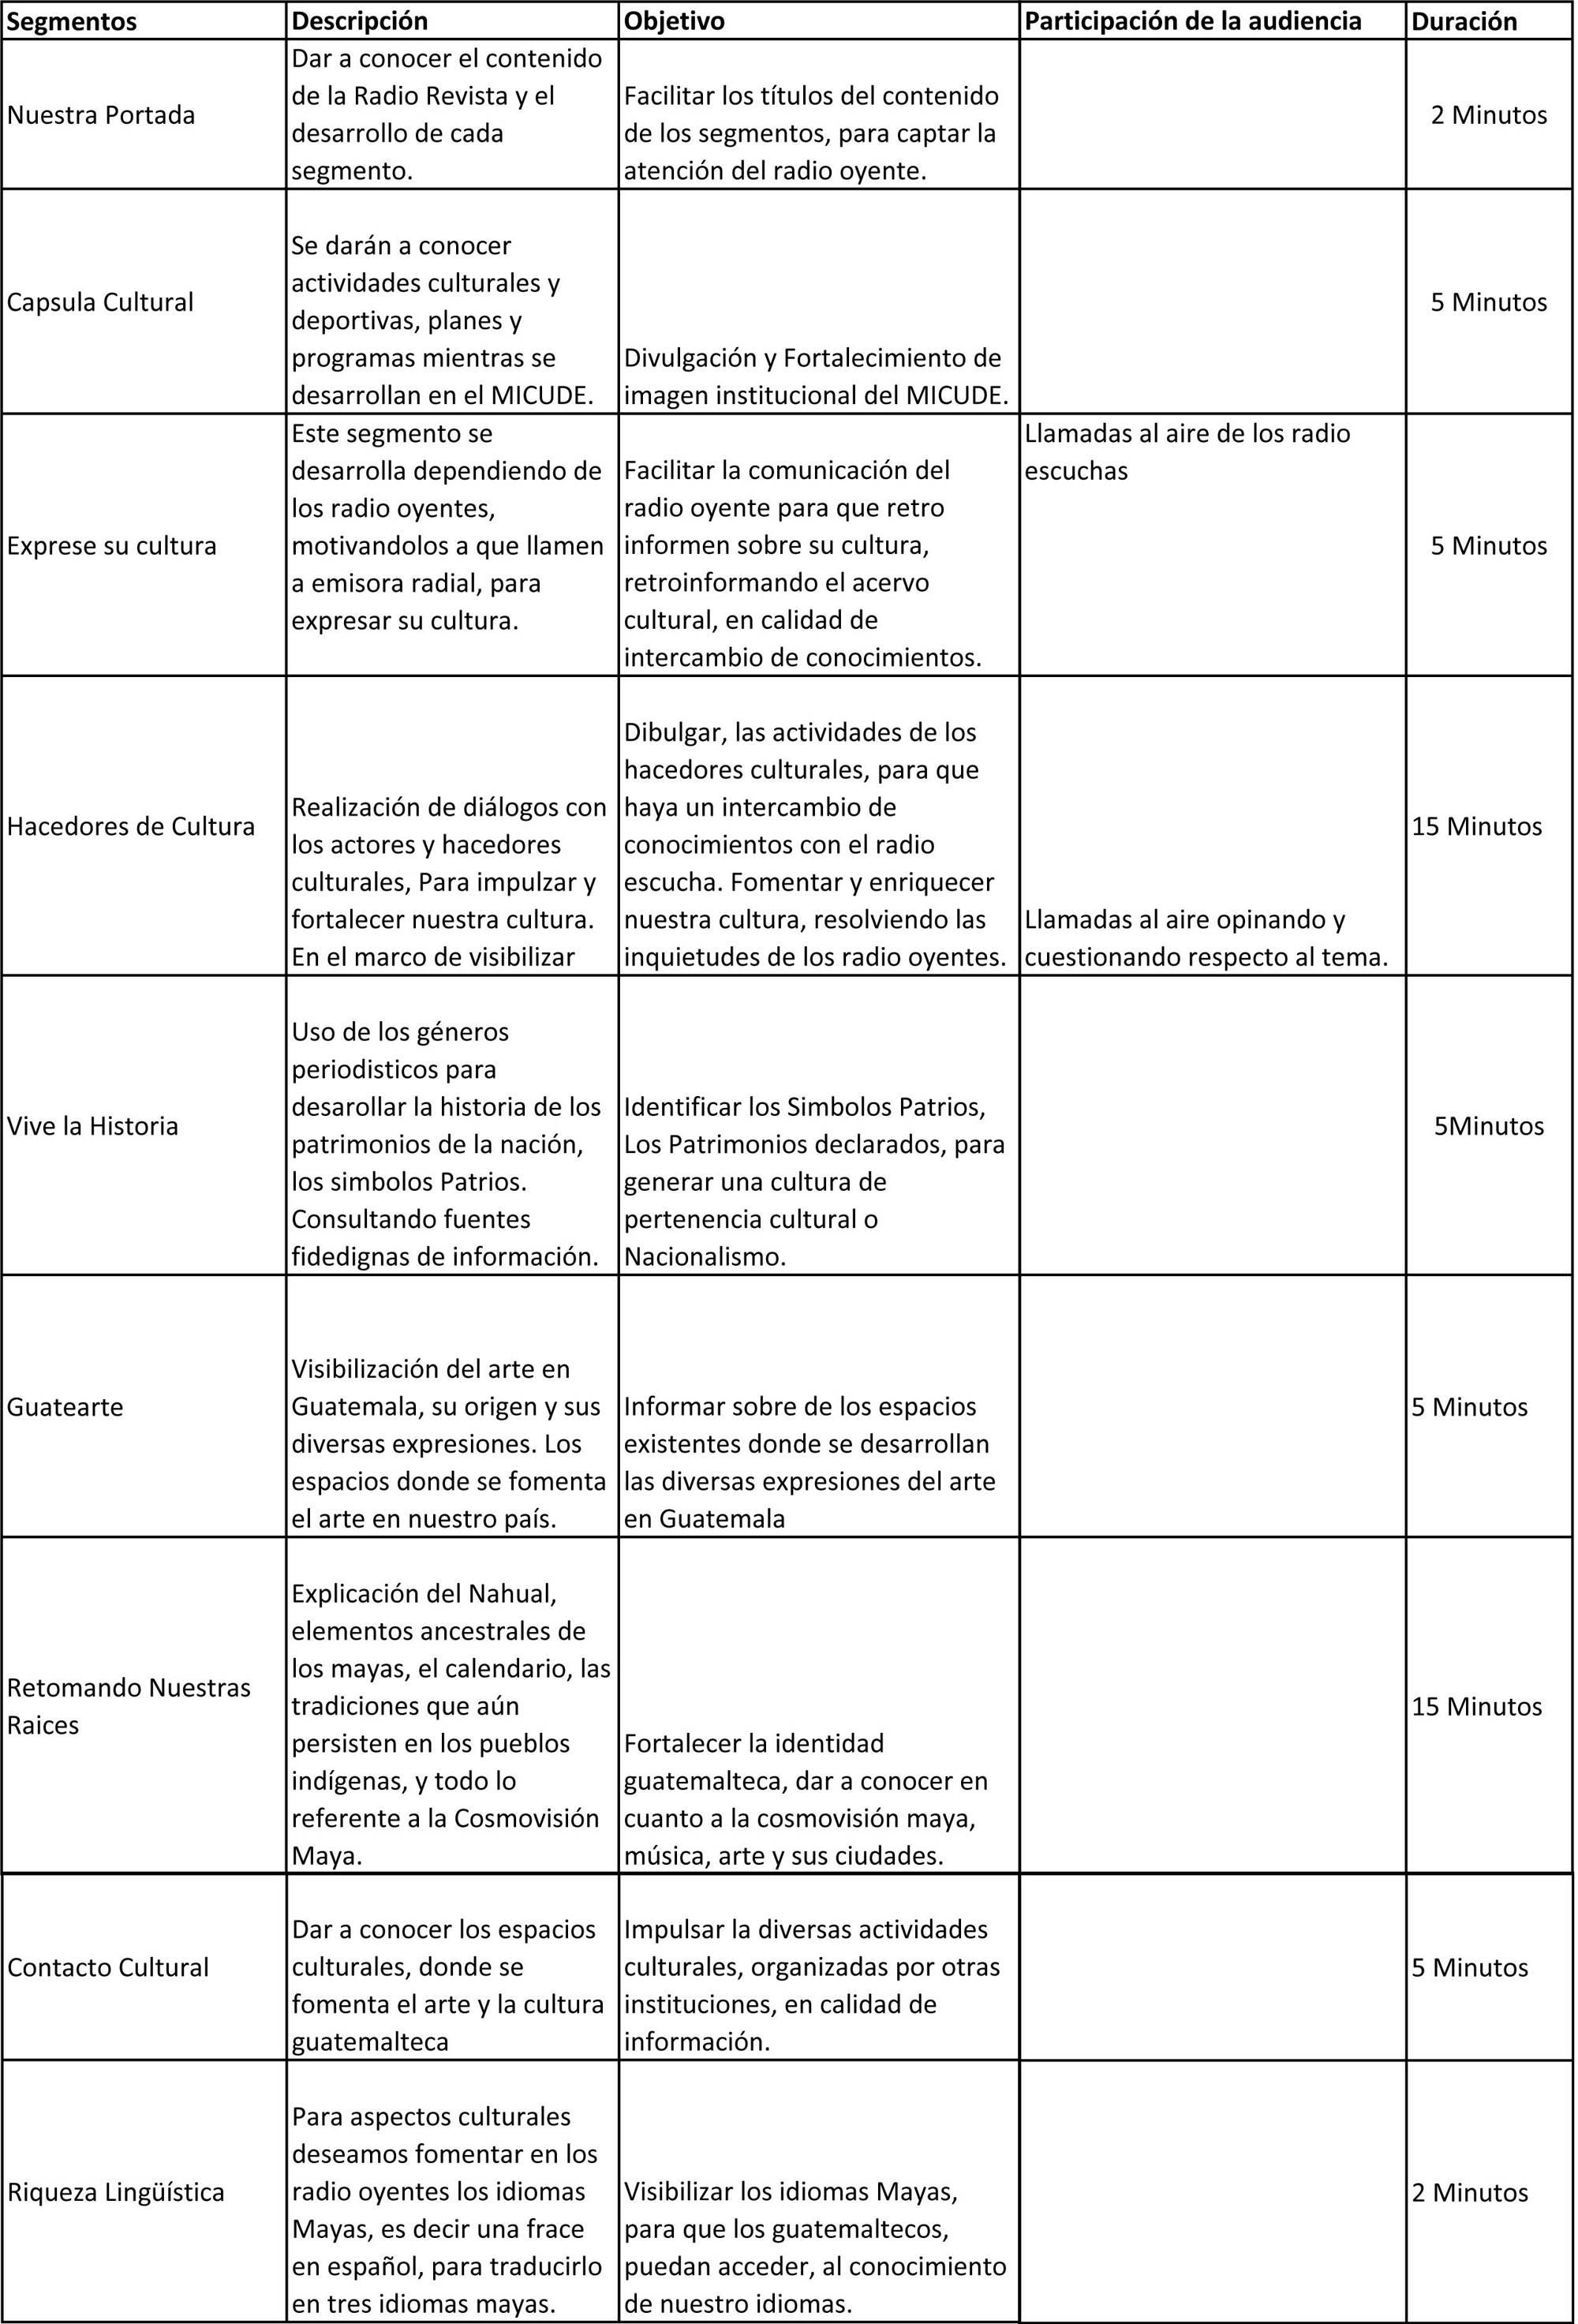 CUADRO SINÓPTICO DE LOS SEGMENTOS RADIO REVISTA